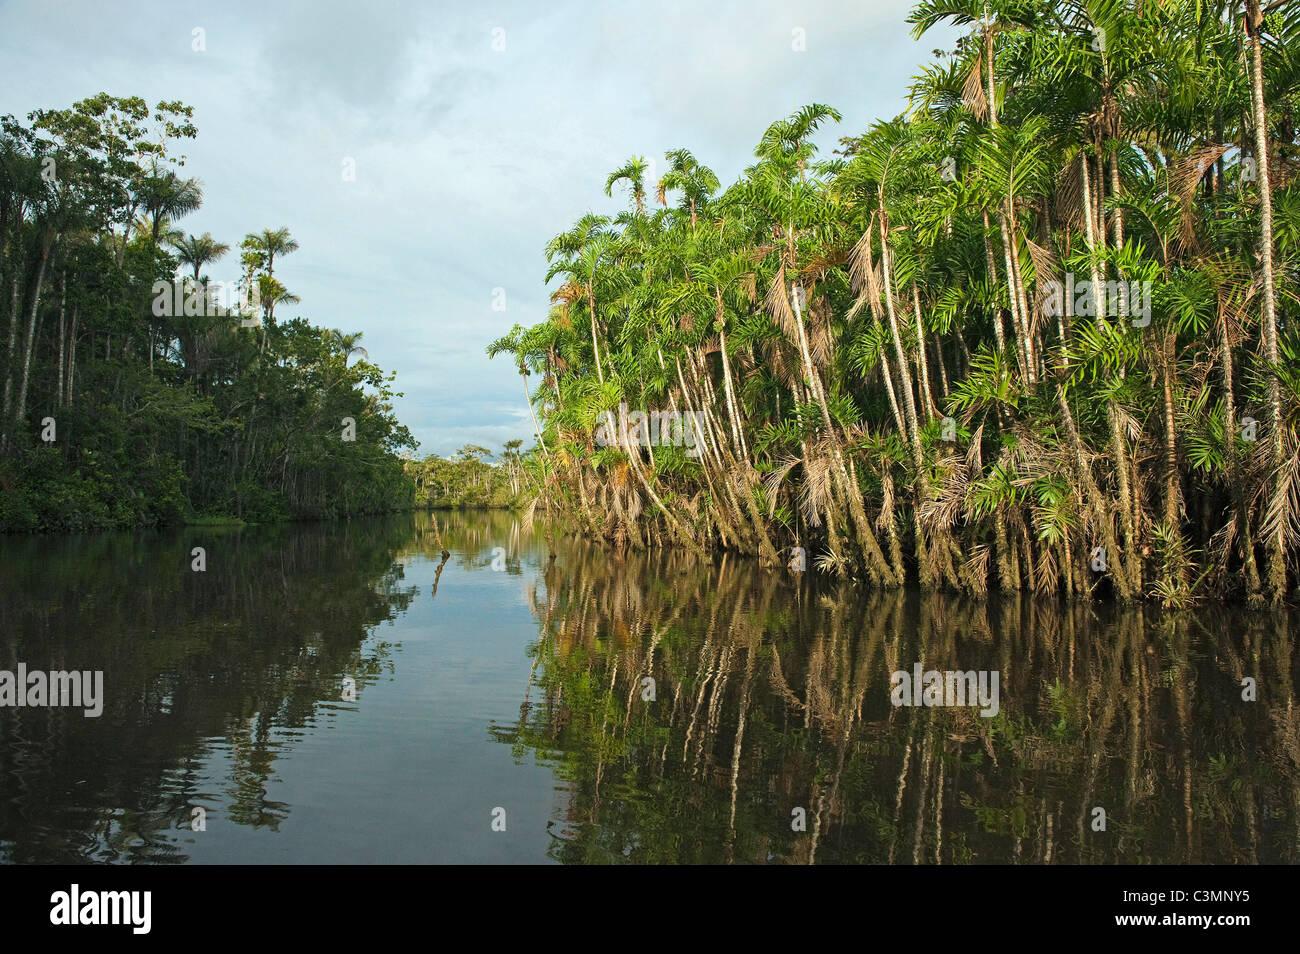 Forêt inondée Igapo. Cocaya River. La forêt tropicale amazonienne. Frontière de l'Équateur Photo Stock